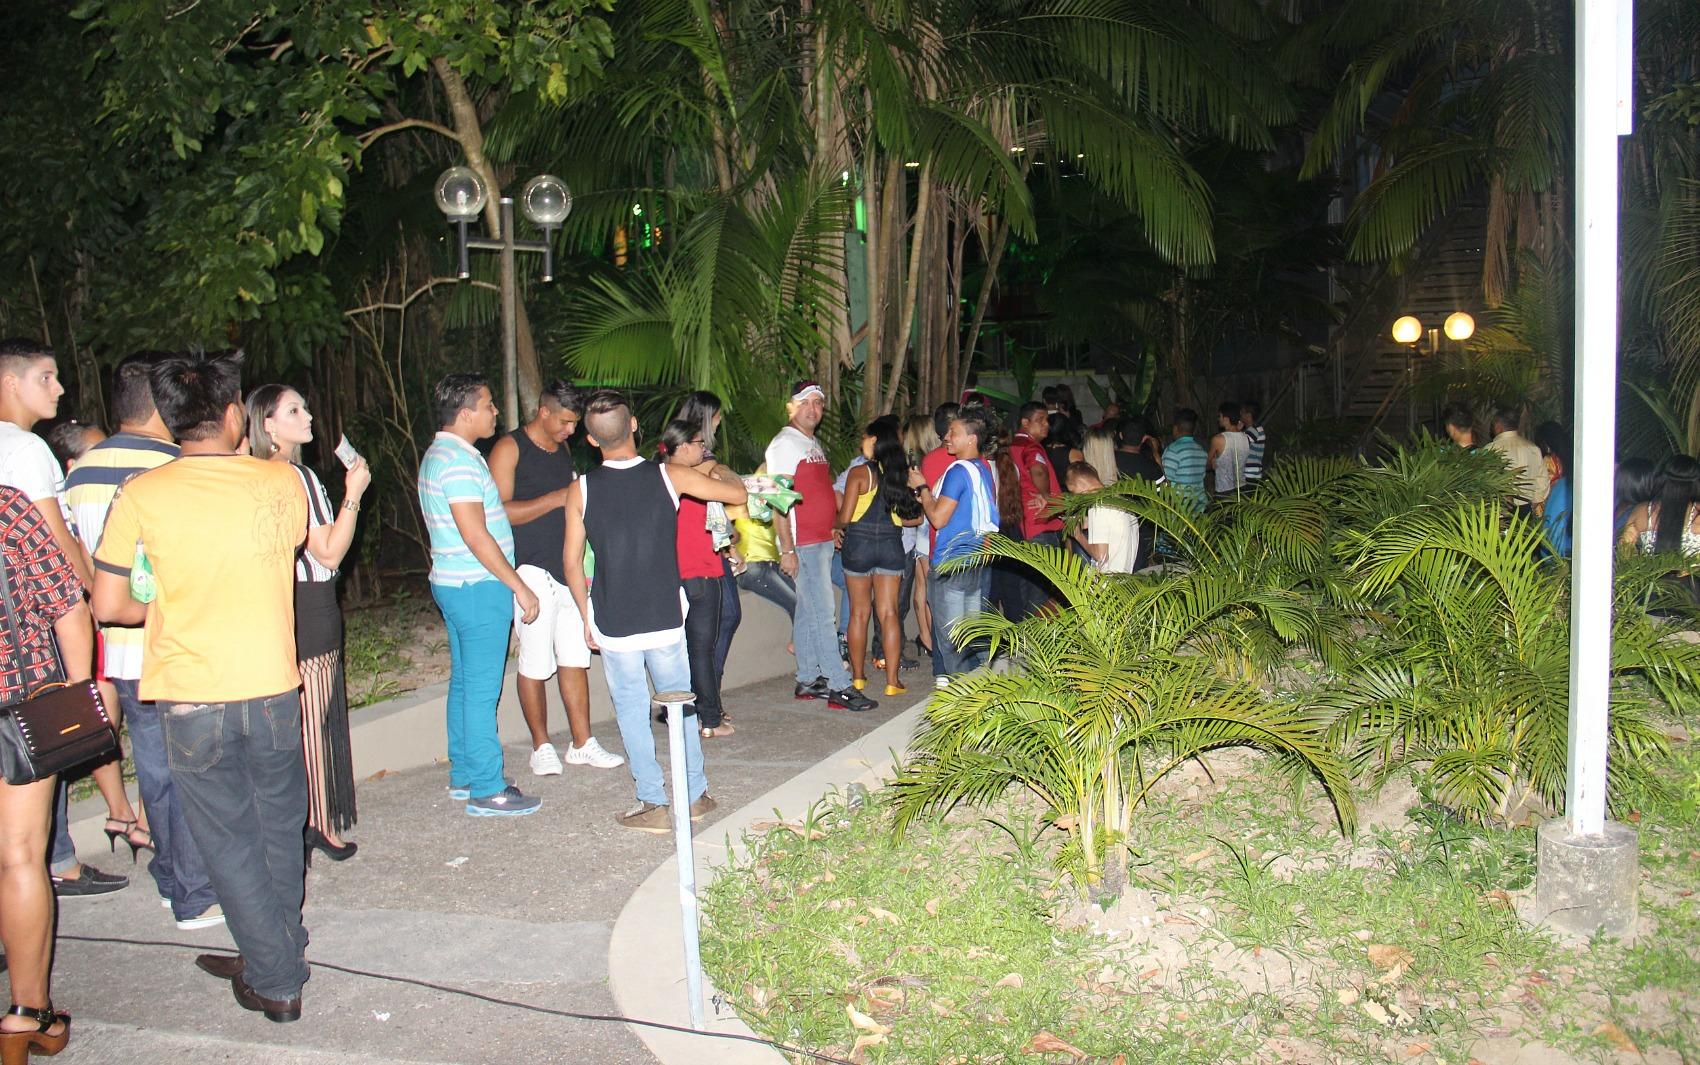 Público chegou cedo ao Studio 5 para o show de Léo Magalhães e Joelma, em Manaus. Portões foram abertos às 22h30